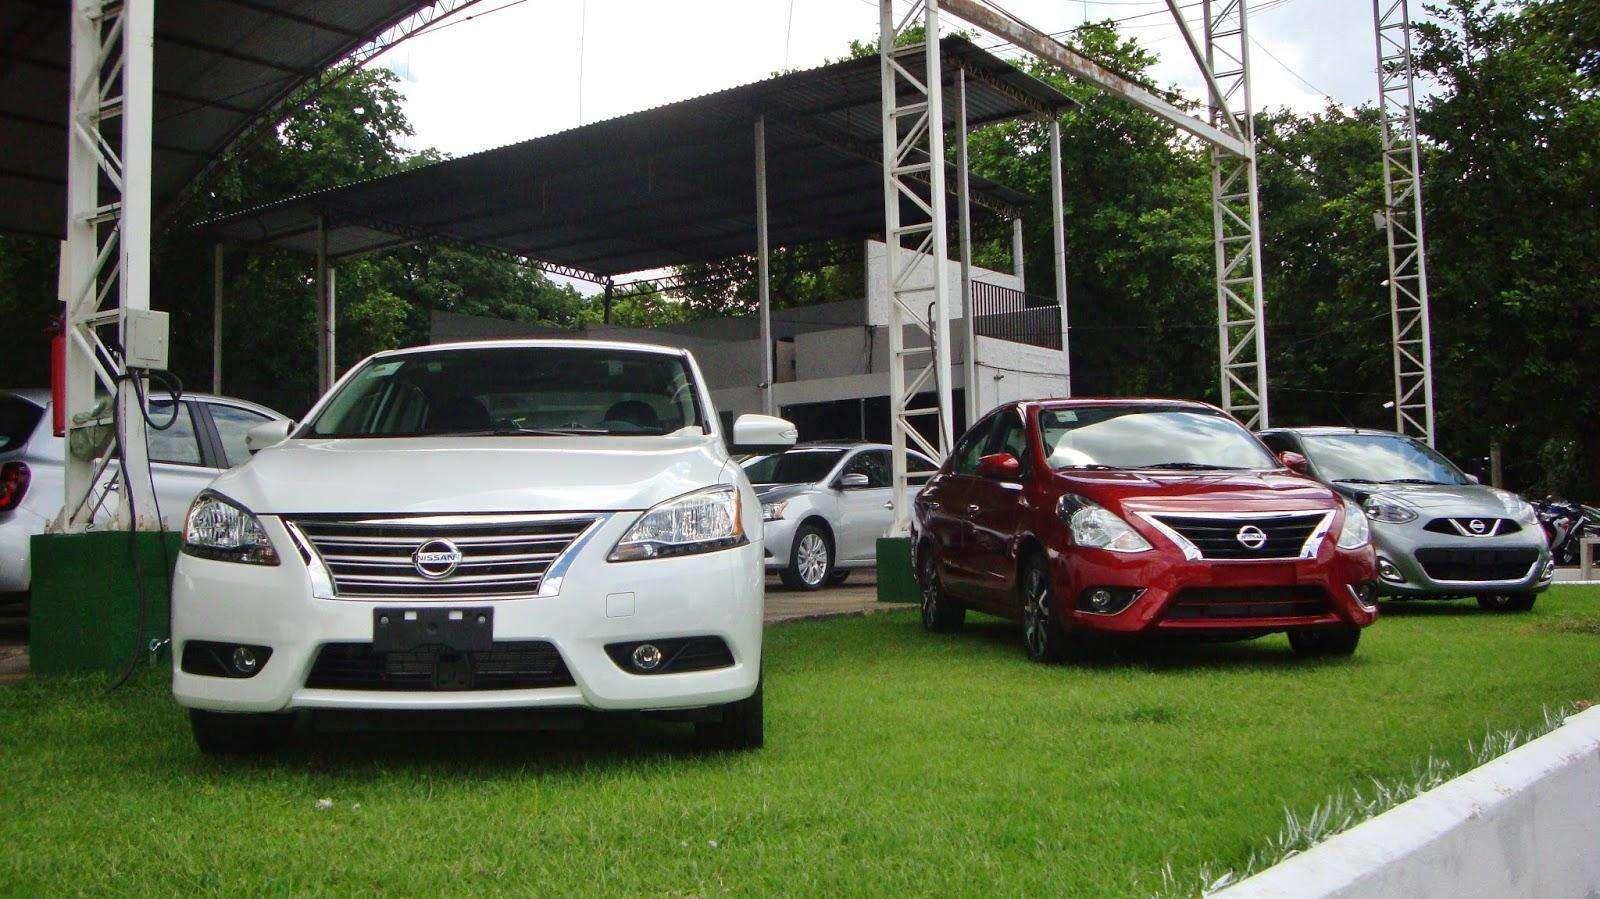 Nissan oferece condições especiais no feirão Desafio de Gigantes da CARZAP